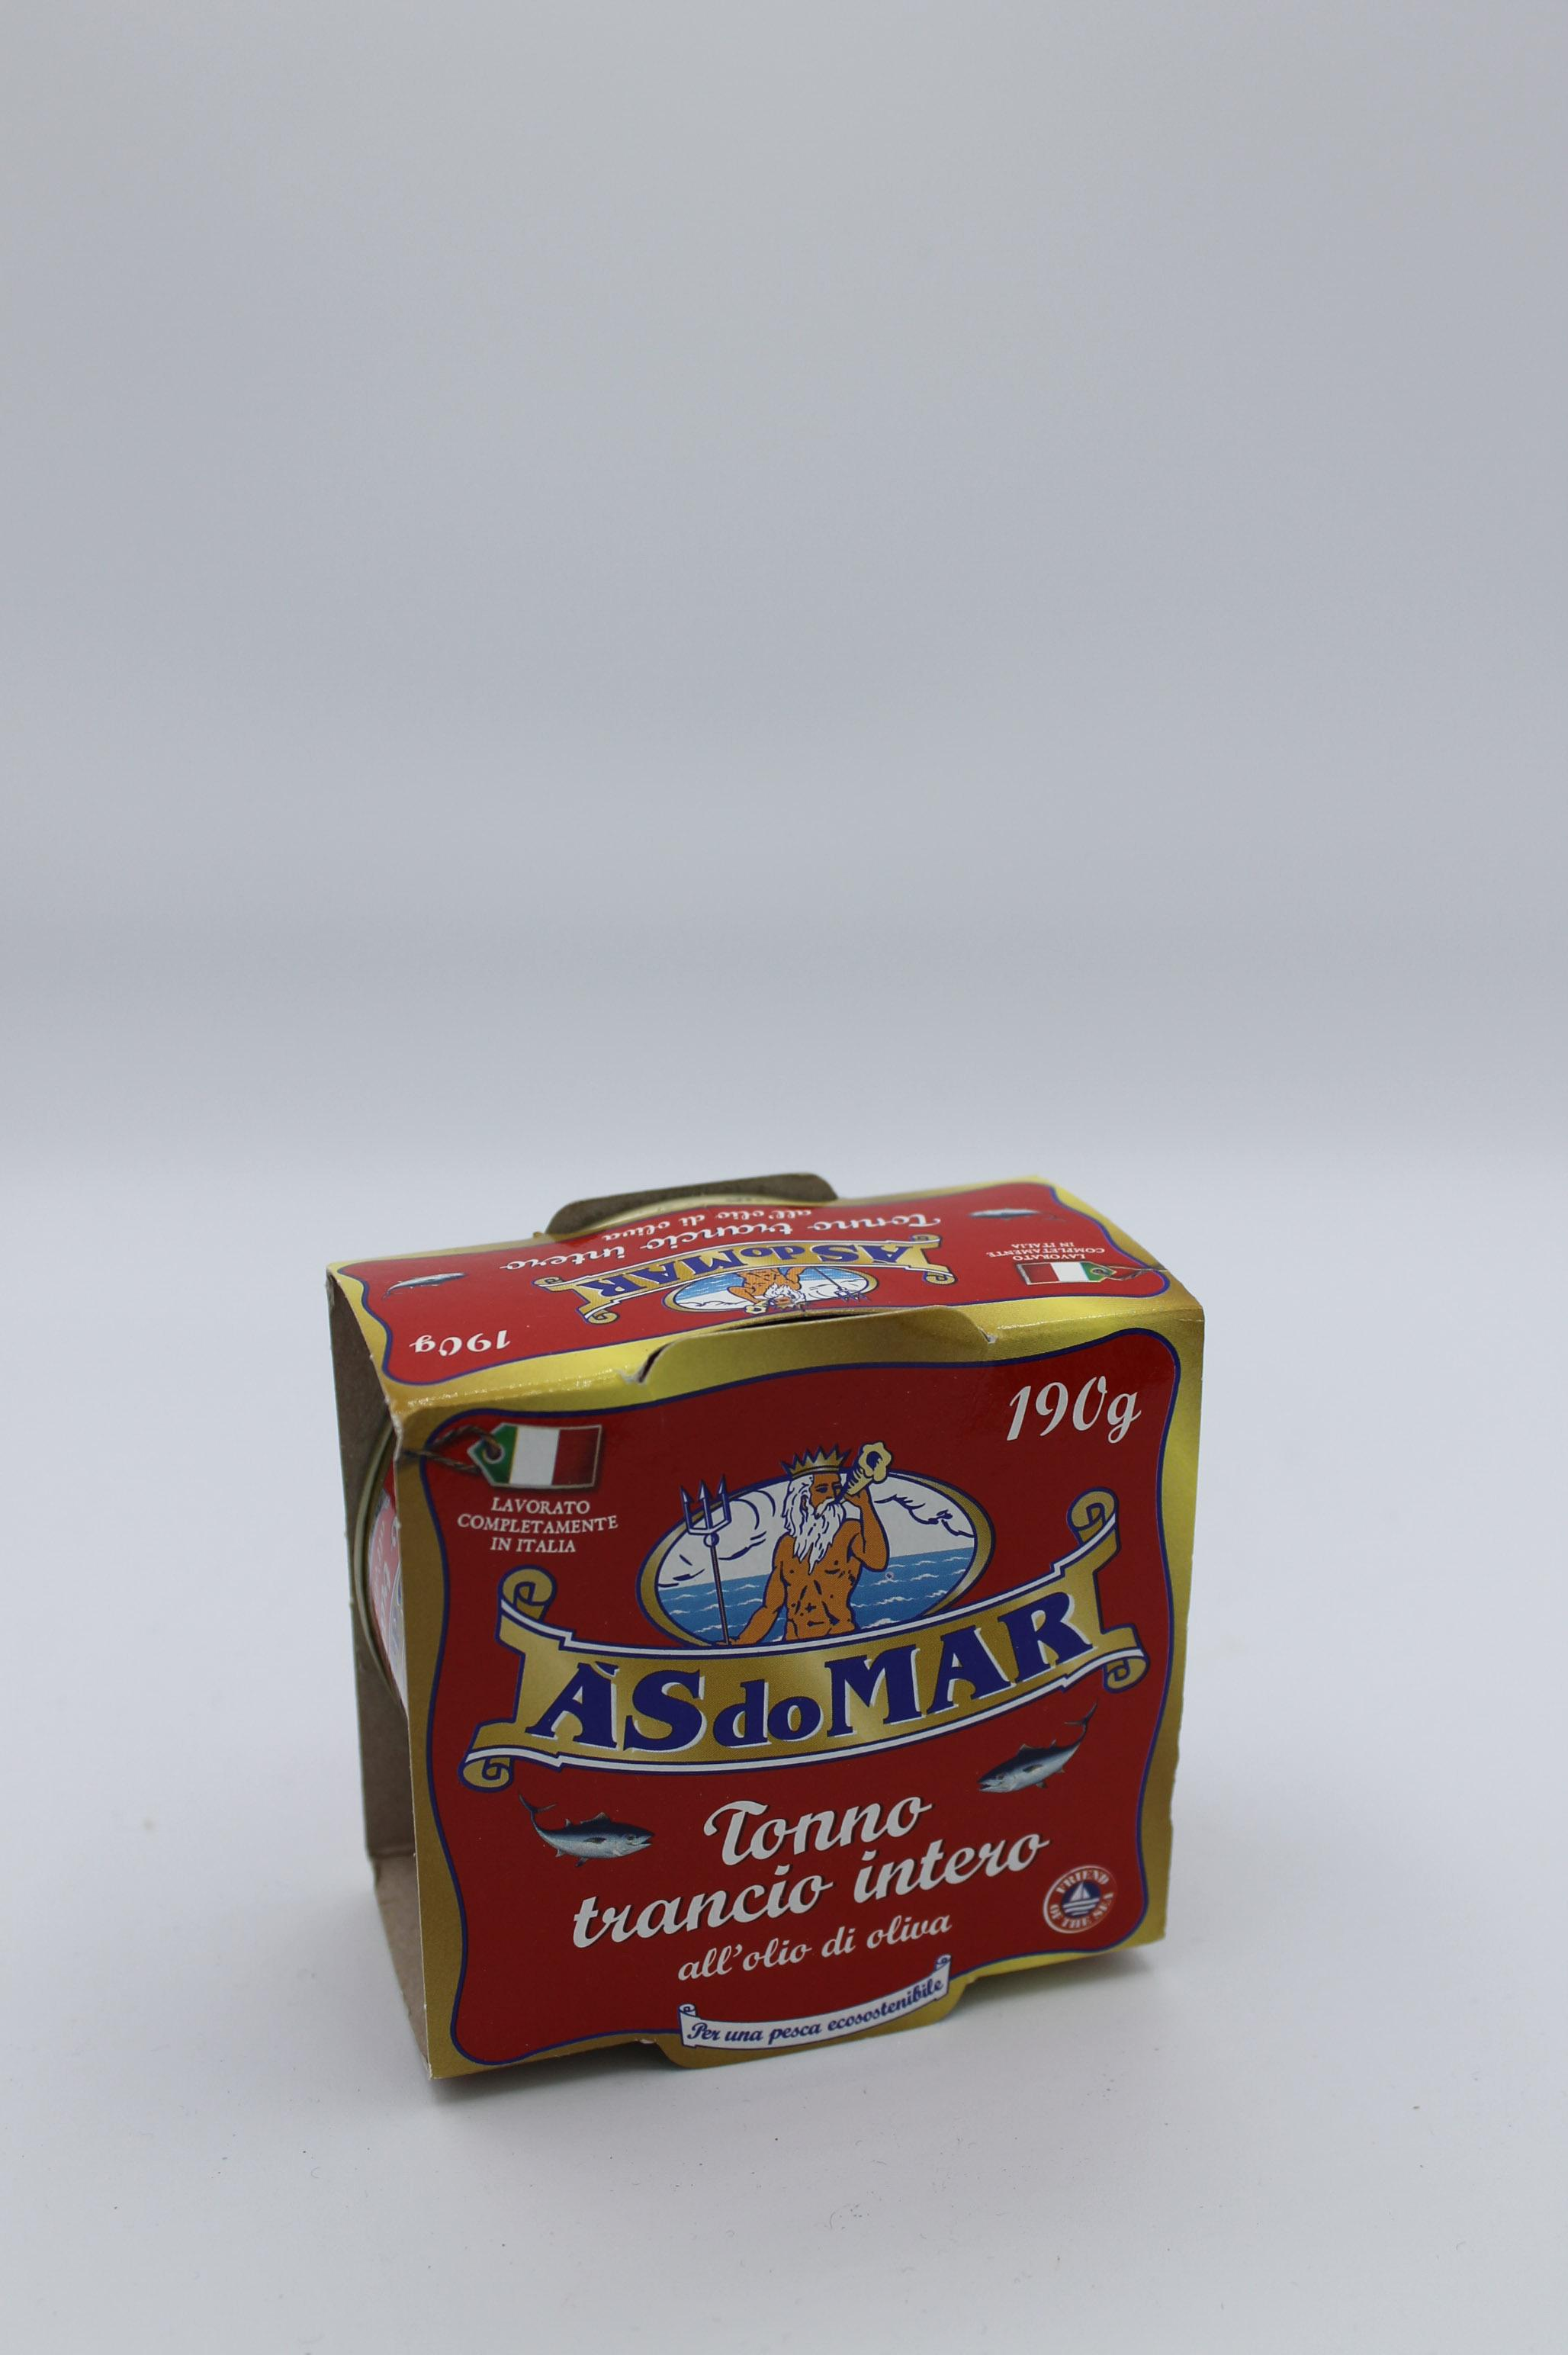 Asdomar tonno olio oliva 190 gr.